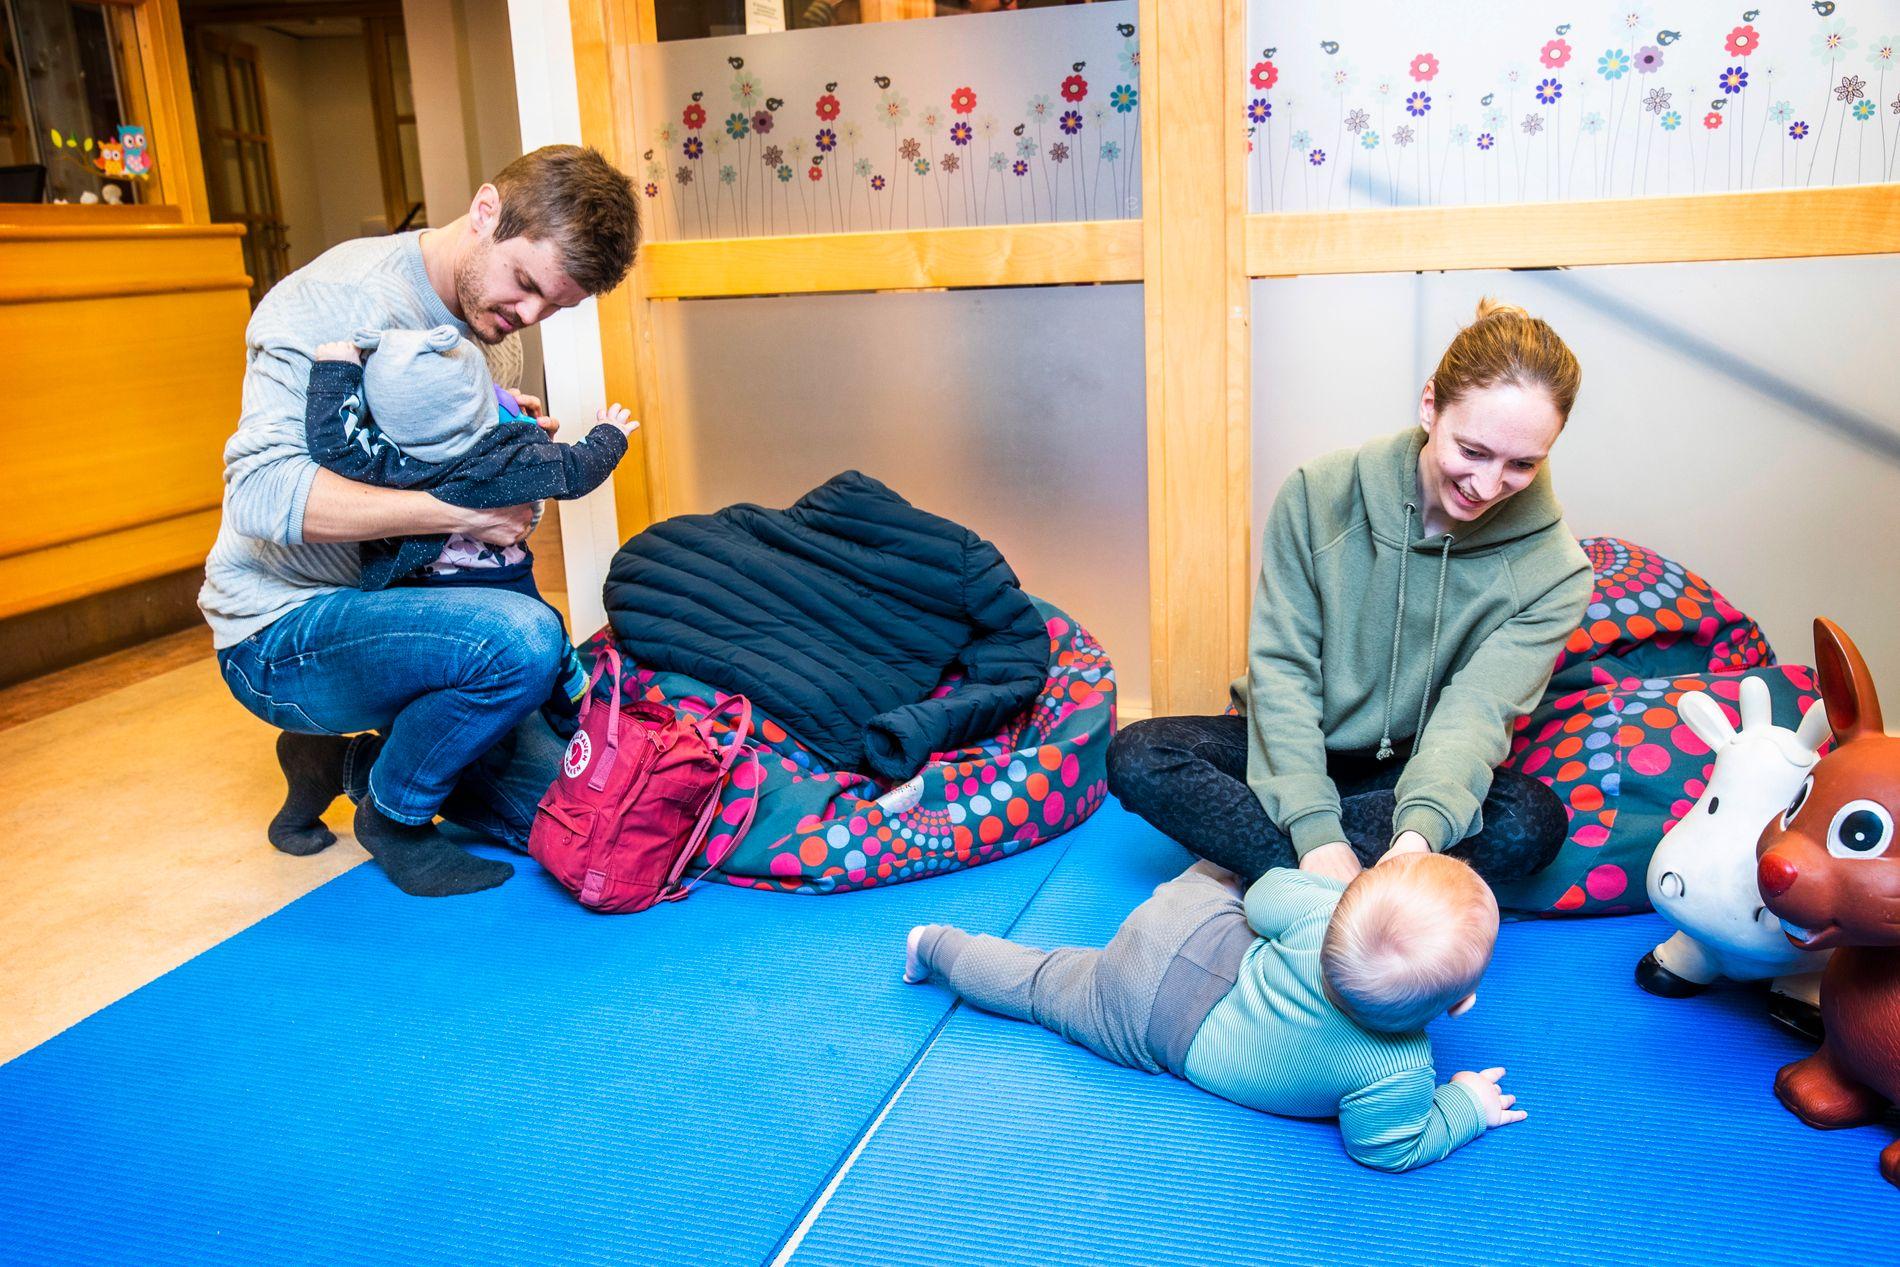 PÅ VENTEROMMET: Hverken Bjørn Tore Hellesøy (pappaen til Vilja) eller Malin Torp (mammaen til Amund) har vært i tvil om at barna skal vaksineres. Her venter de på Sagene helsestasjon i Oslo etter å ha fått vaksine.